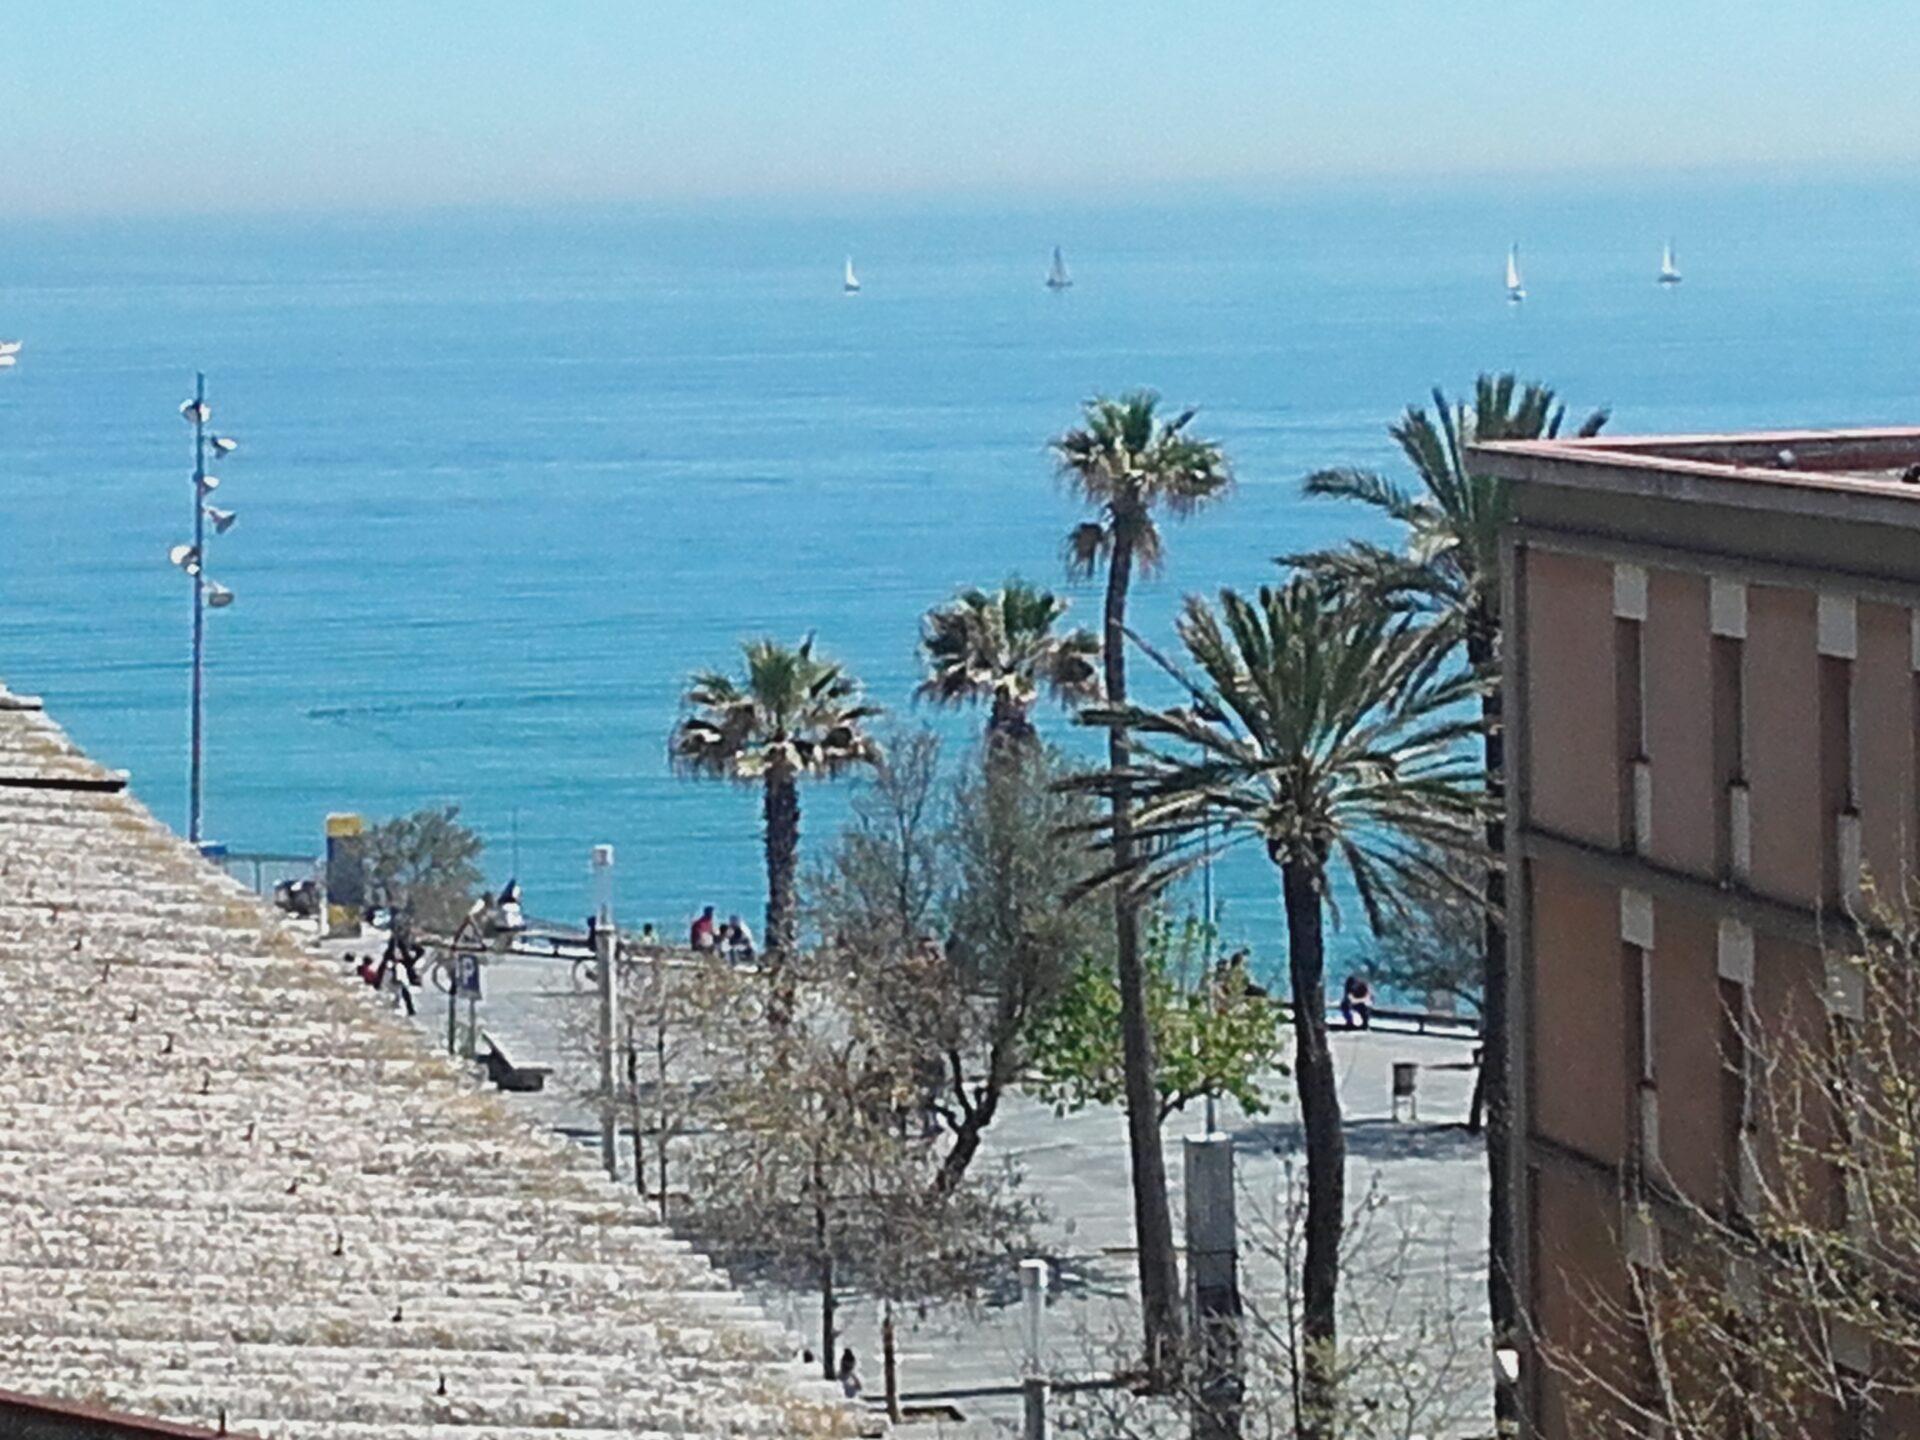 Piso con vistas al mar en la barceloneta barceloneta premium for Pisos con vistas al mar